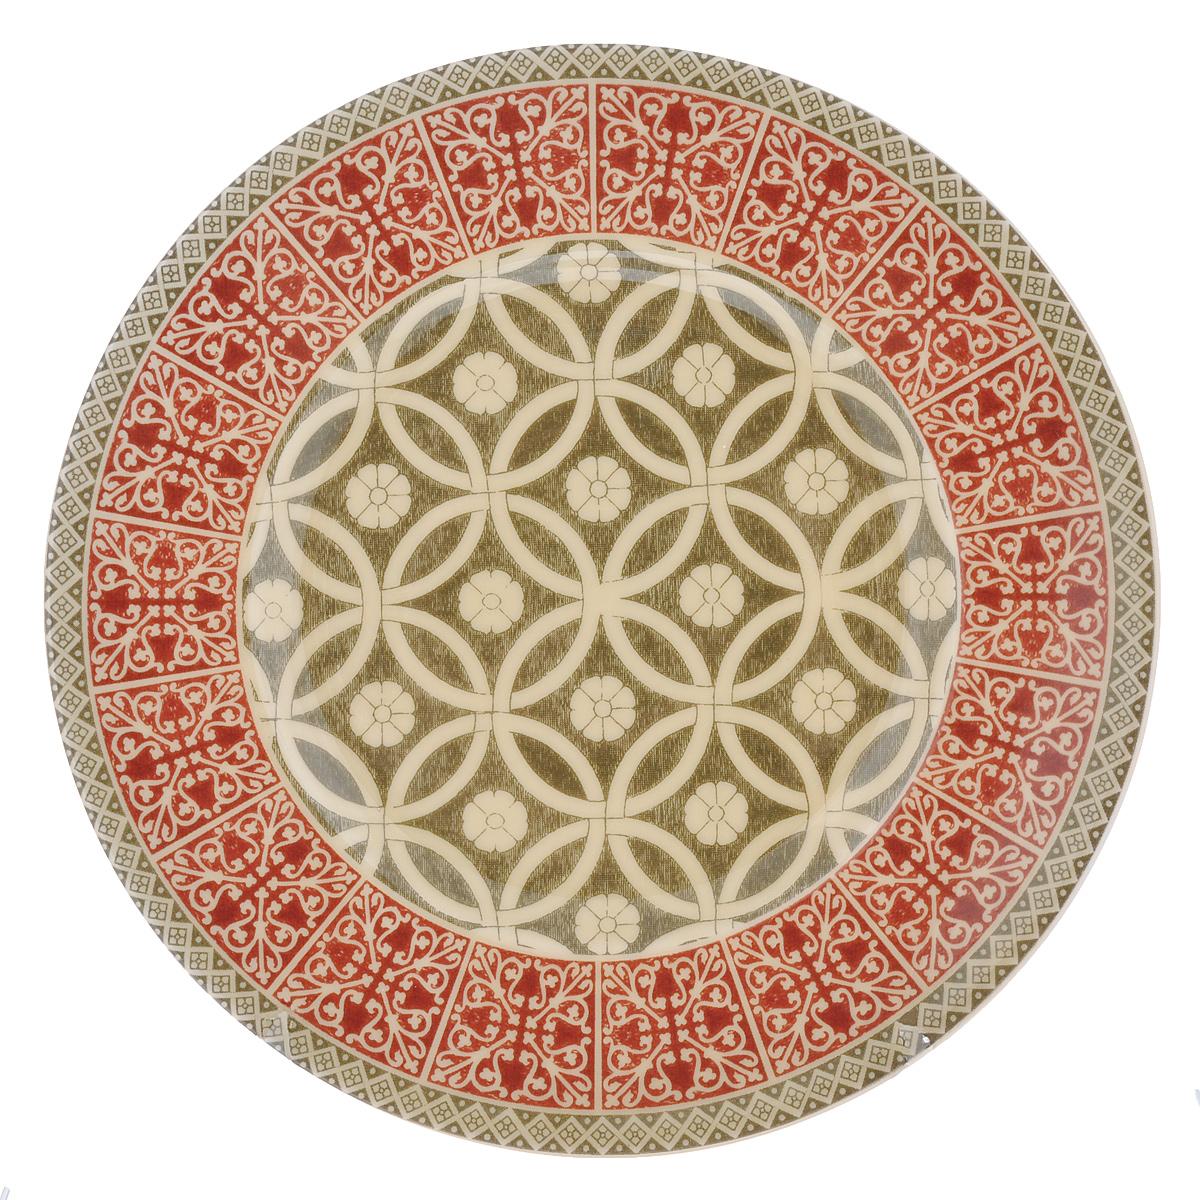 Тарелка десертная Utana Альгамбра, диаметр 22 смUTAH94810Тарелка десертная Utana Альгамбра изготовлена из высококачественной керамики. Предназначена для красивой подачи различных блюд. Изделие декорировано ярким принтом. Такая тарелка украсит сервировку стола и подчеркнет прекрасный вкус хозяйки. Можно мыть в посудомоечной машине и использовать в СВЧ. Диаметр: 22 см. Высота: 2 см.